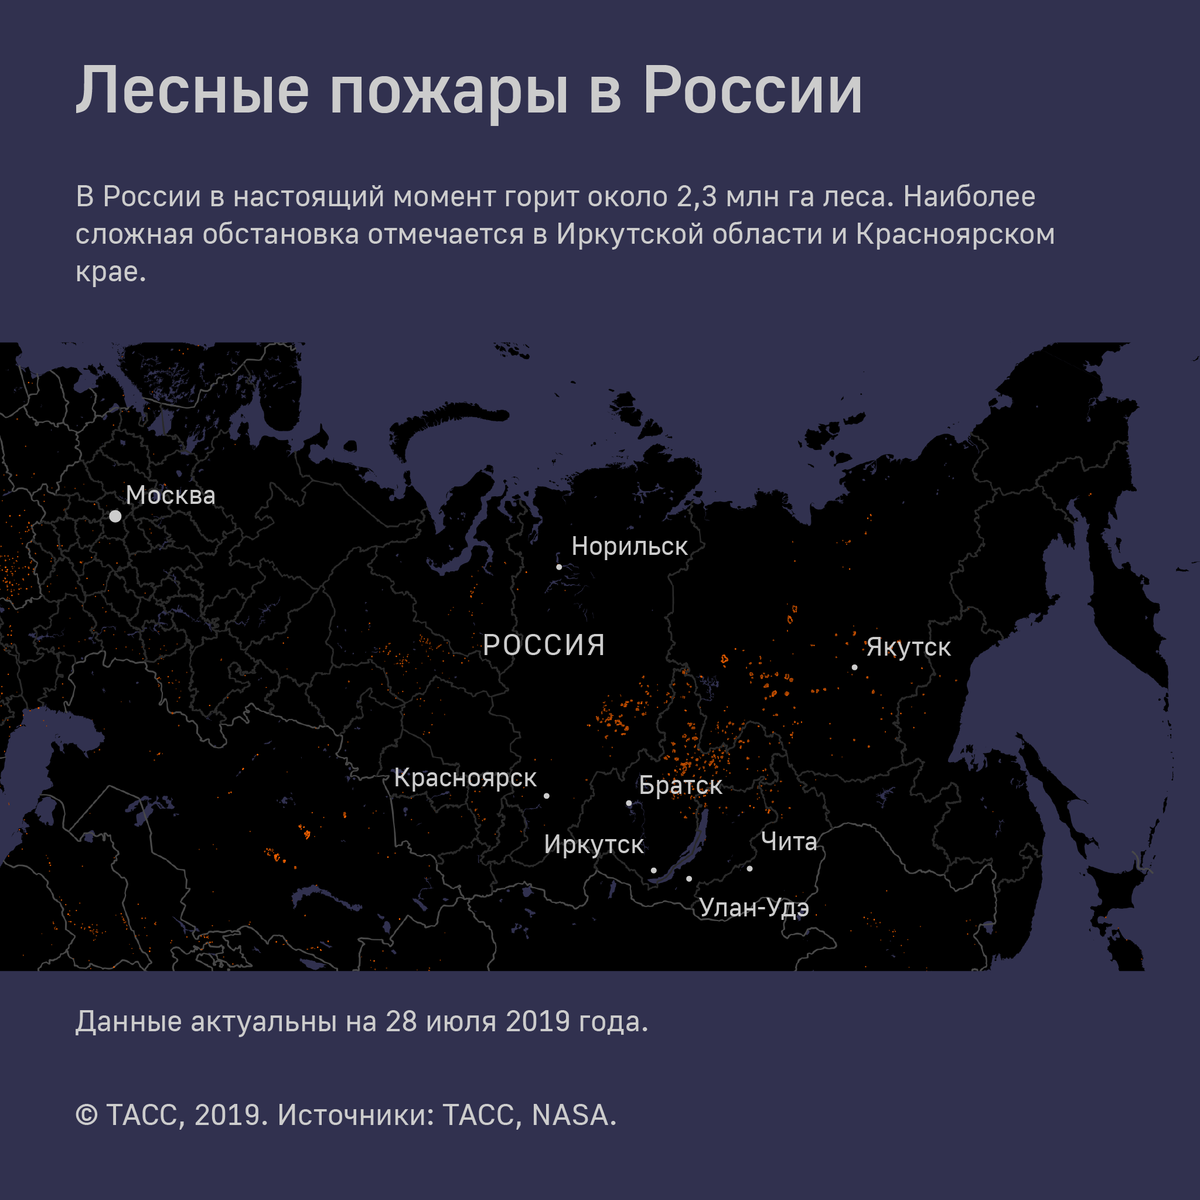 Государственное информационное агентство россии тасс. досье